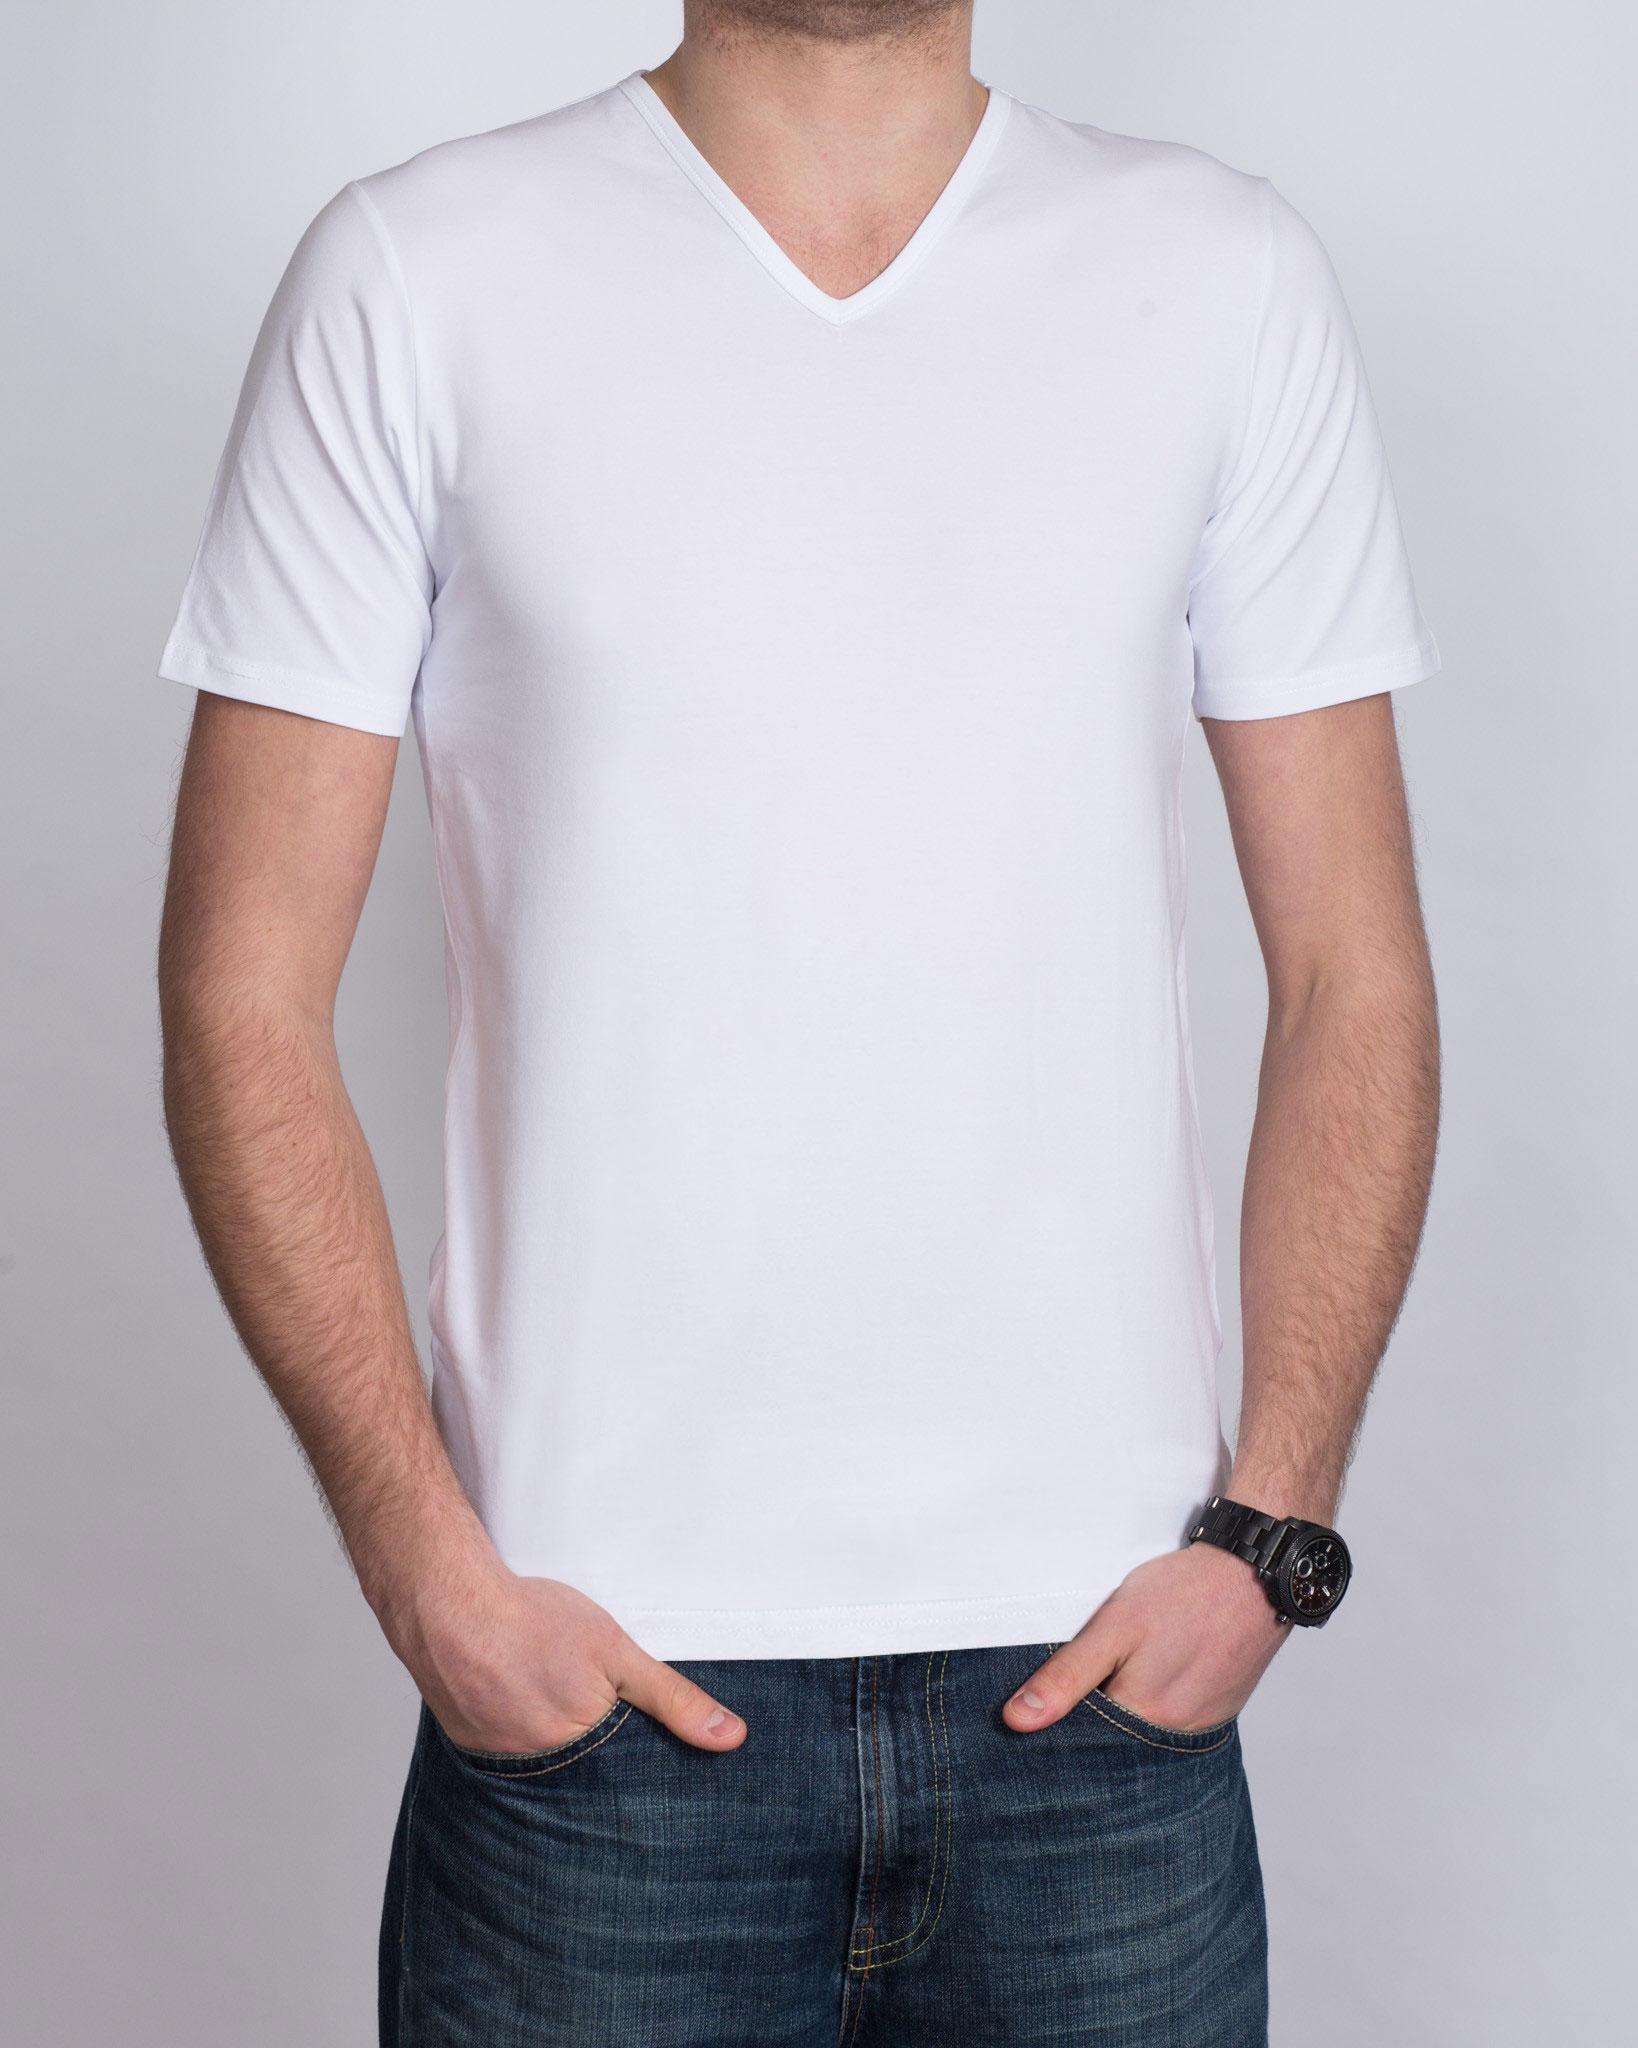 Girav Fitted Tall V-Neck (white) Twin Pack